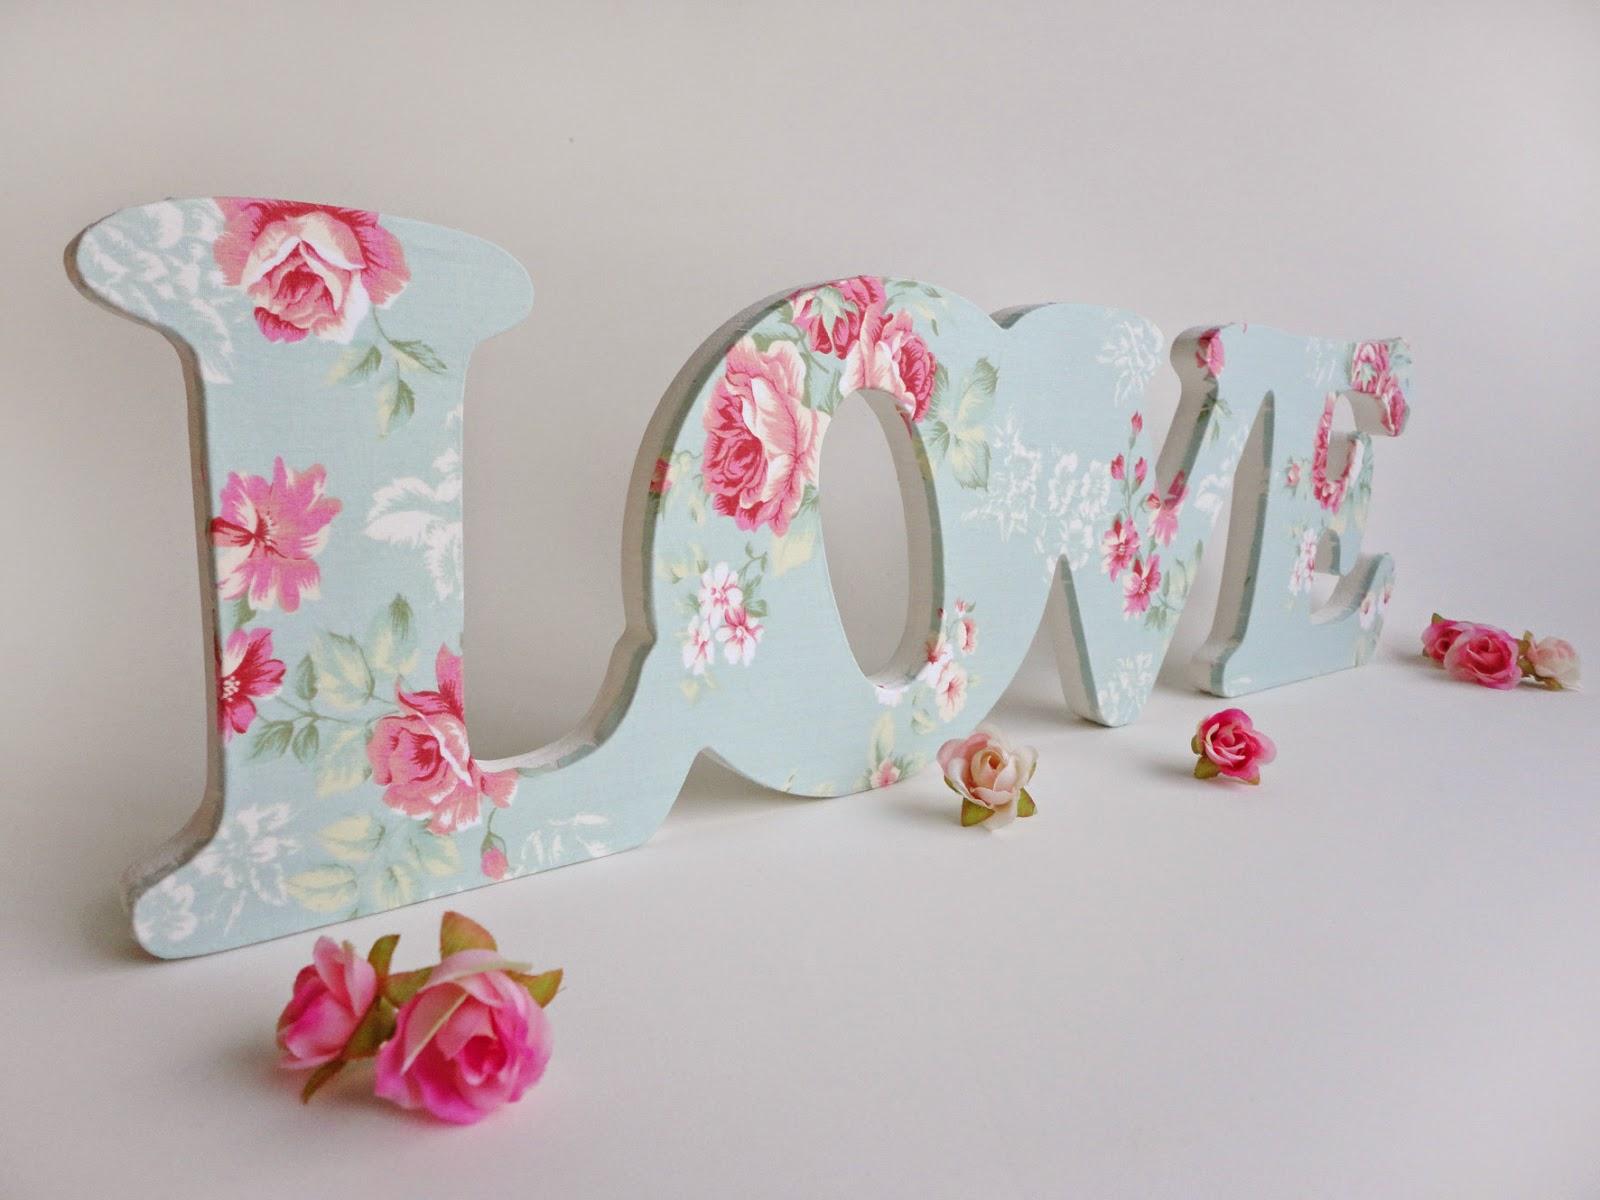 Doce algod o doce letras para decorar - Letras bebe decoracion ...